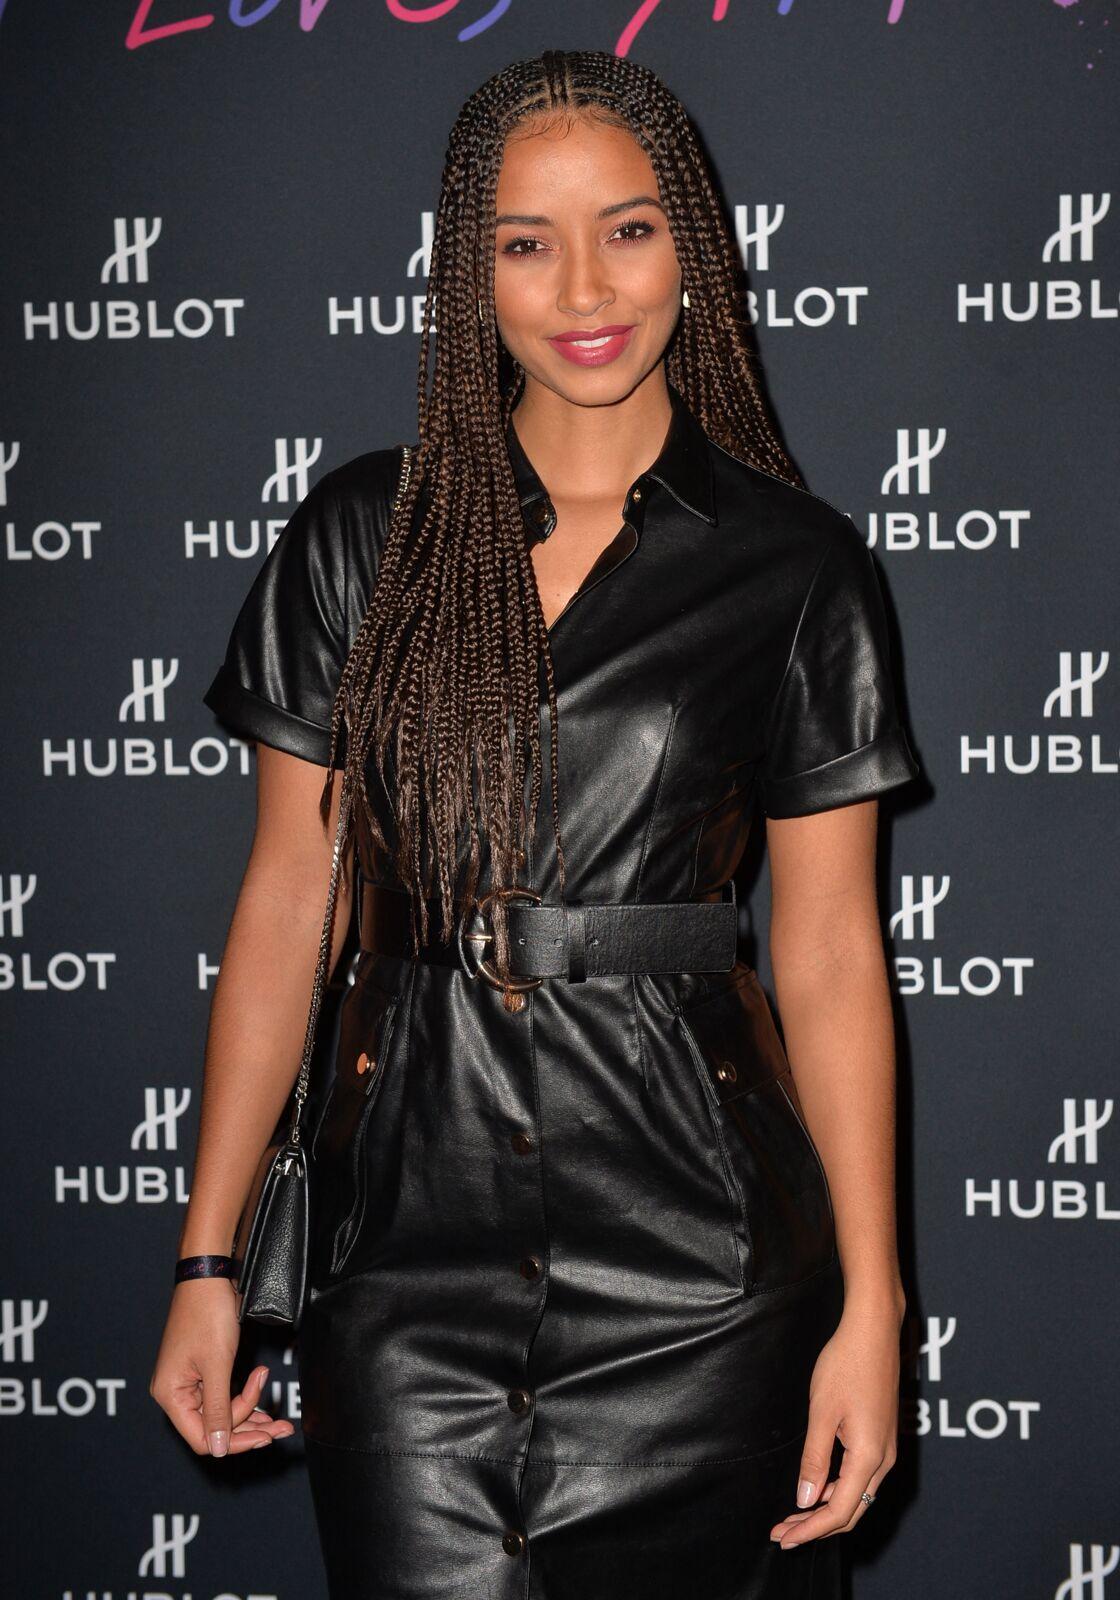 Flora Coquerel veut que les jeunes femmes assument leurs cheveux afro